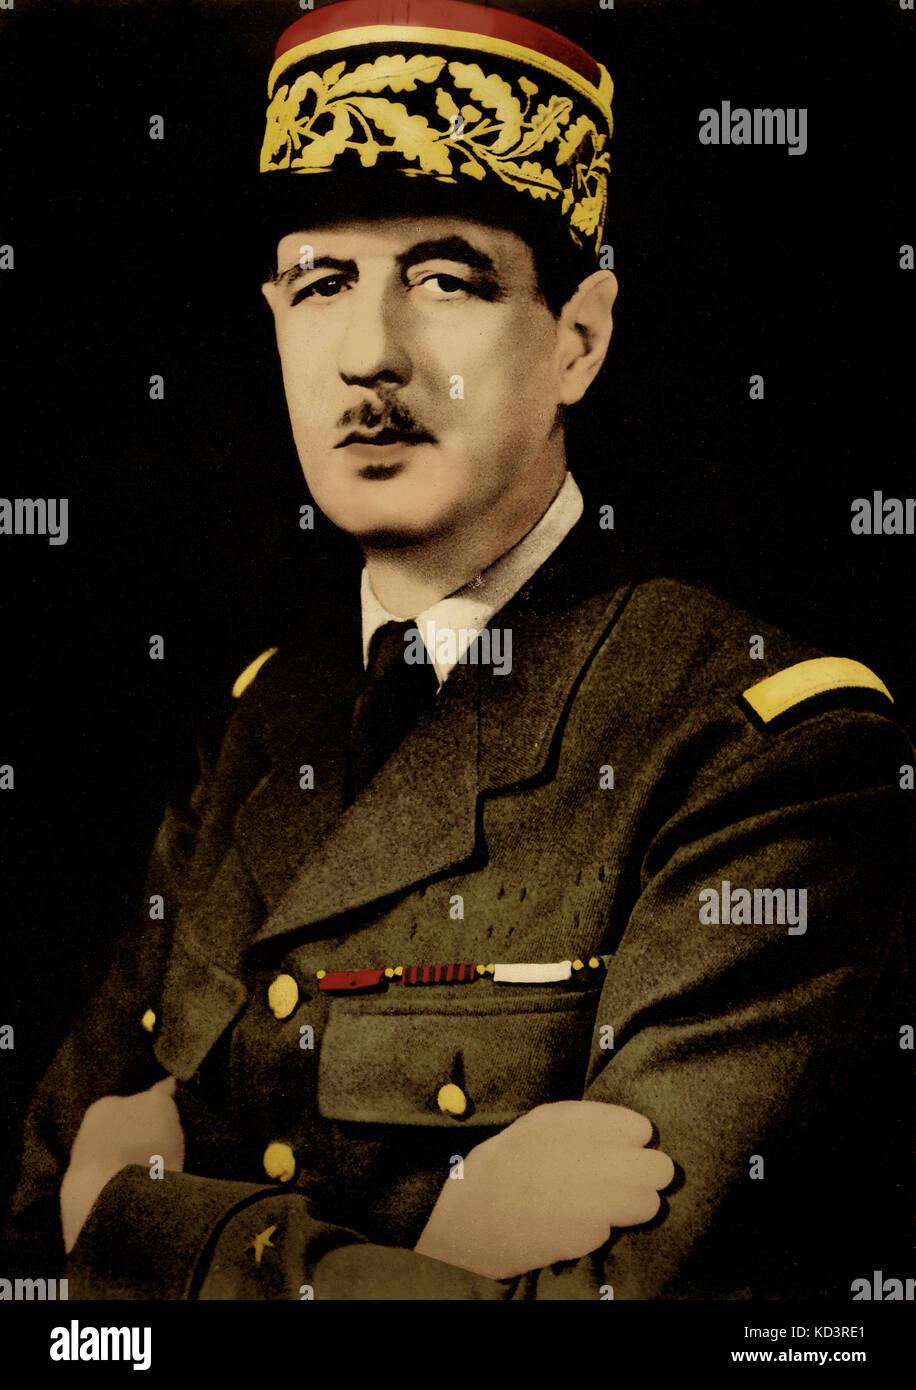 Charles de Gaulle, portrait. Général et homme d'État français, 22 novembre 1890 - 9 novembre 1970. Banque D'Images